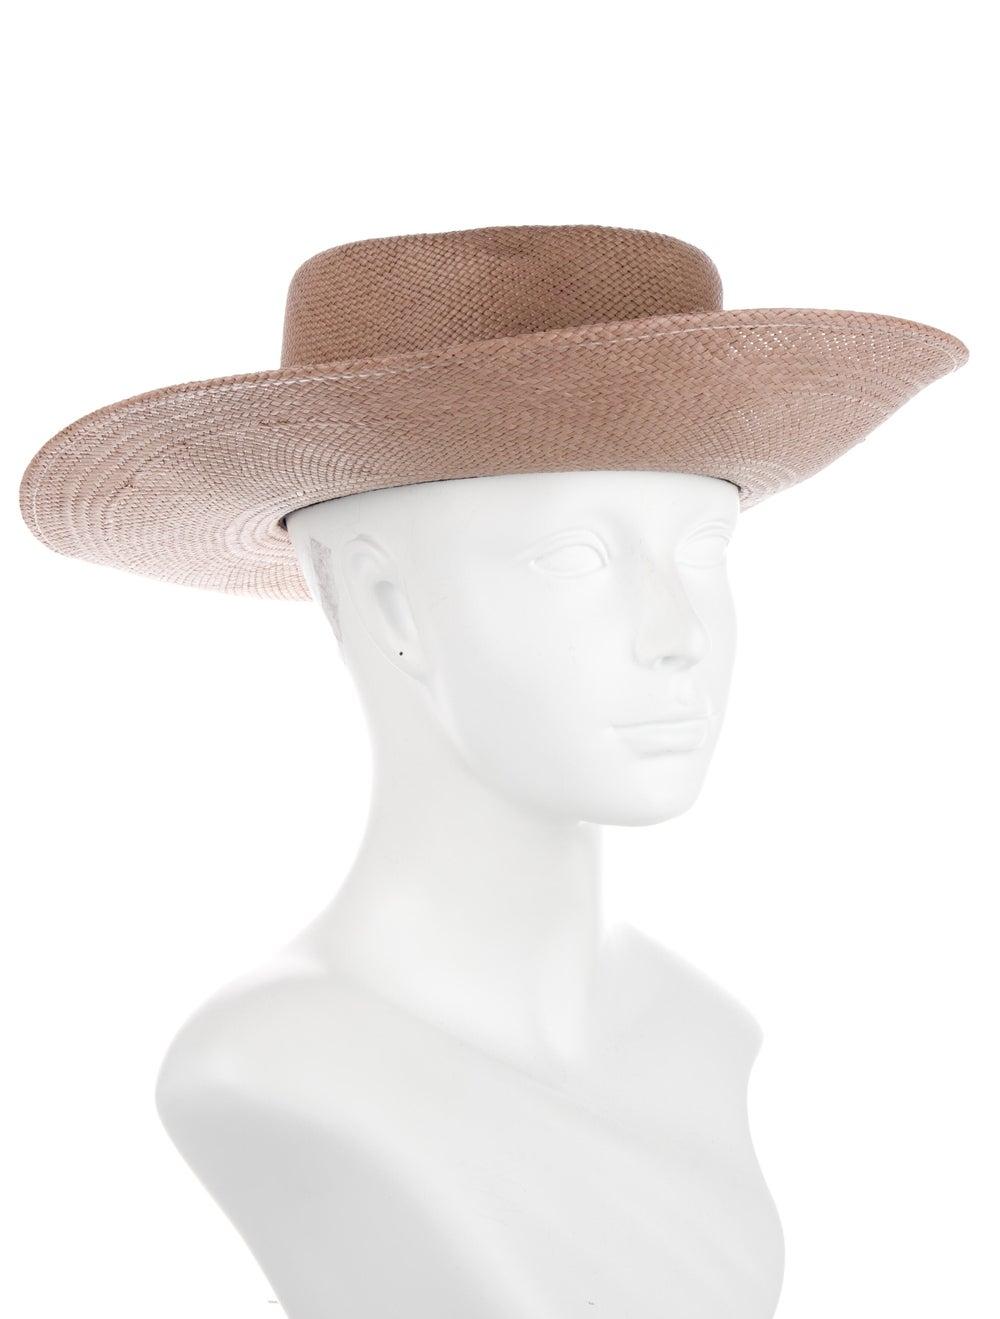 Janessa Leone Tan Straw Hat Tan - image 3